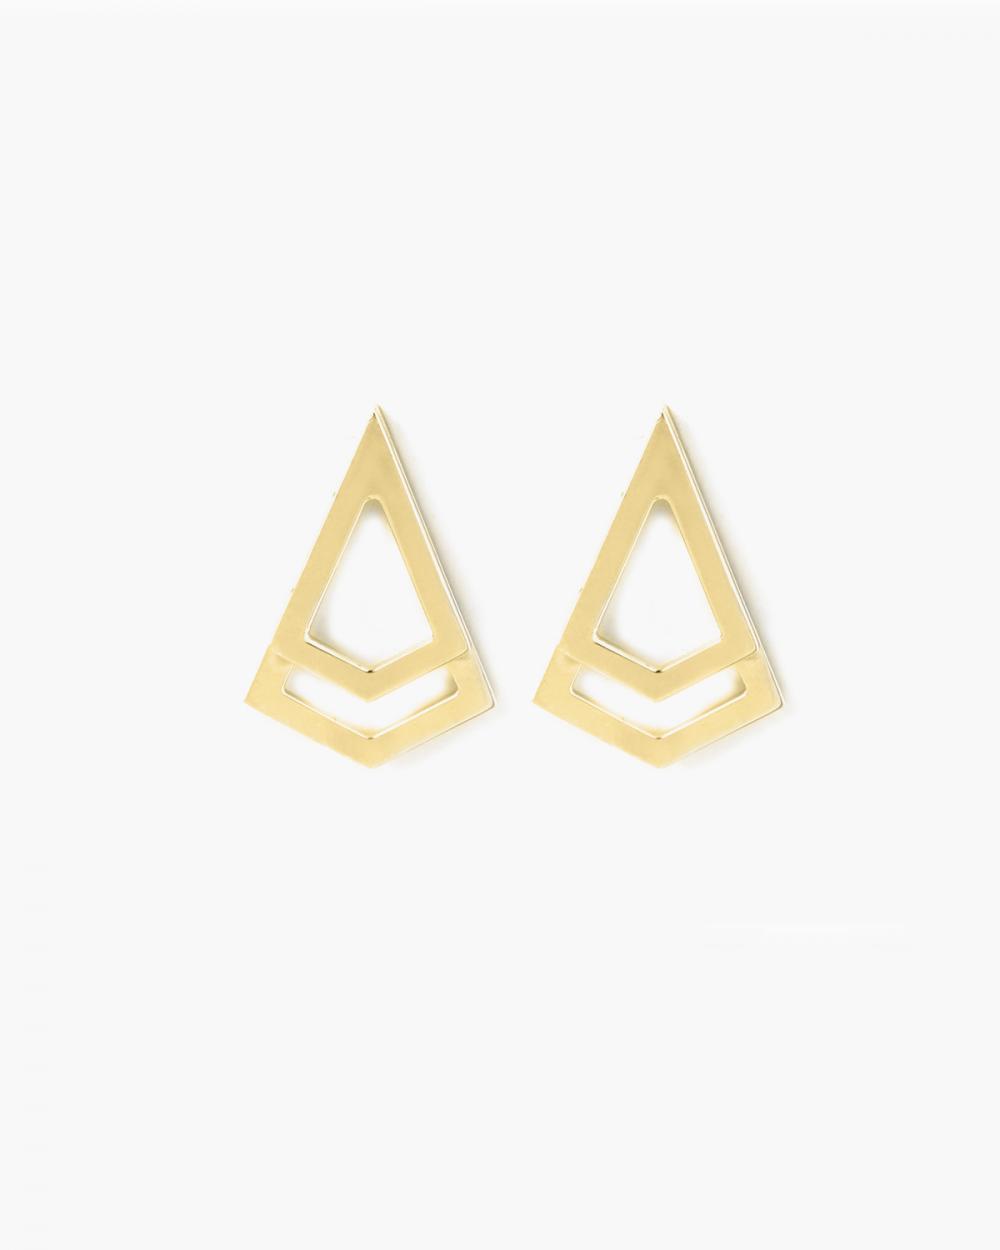 Earrings YELLOW GOLD DOUBLE POINT EARRINGS NOVE25